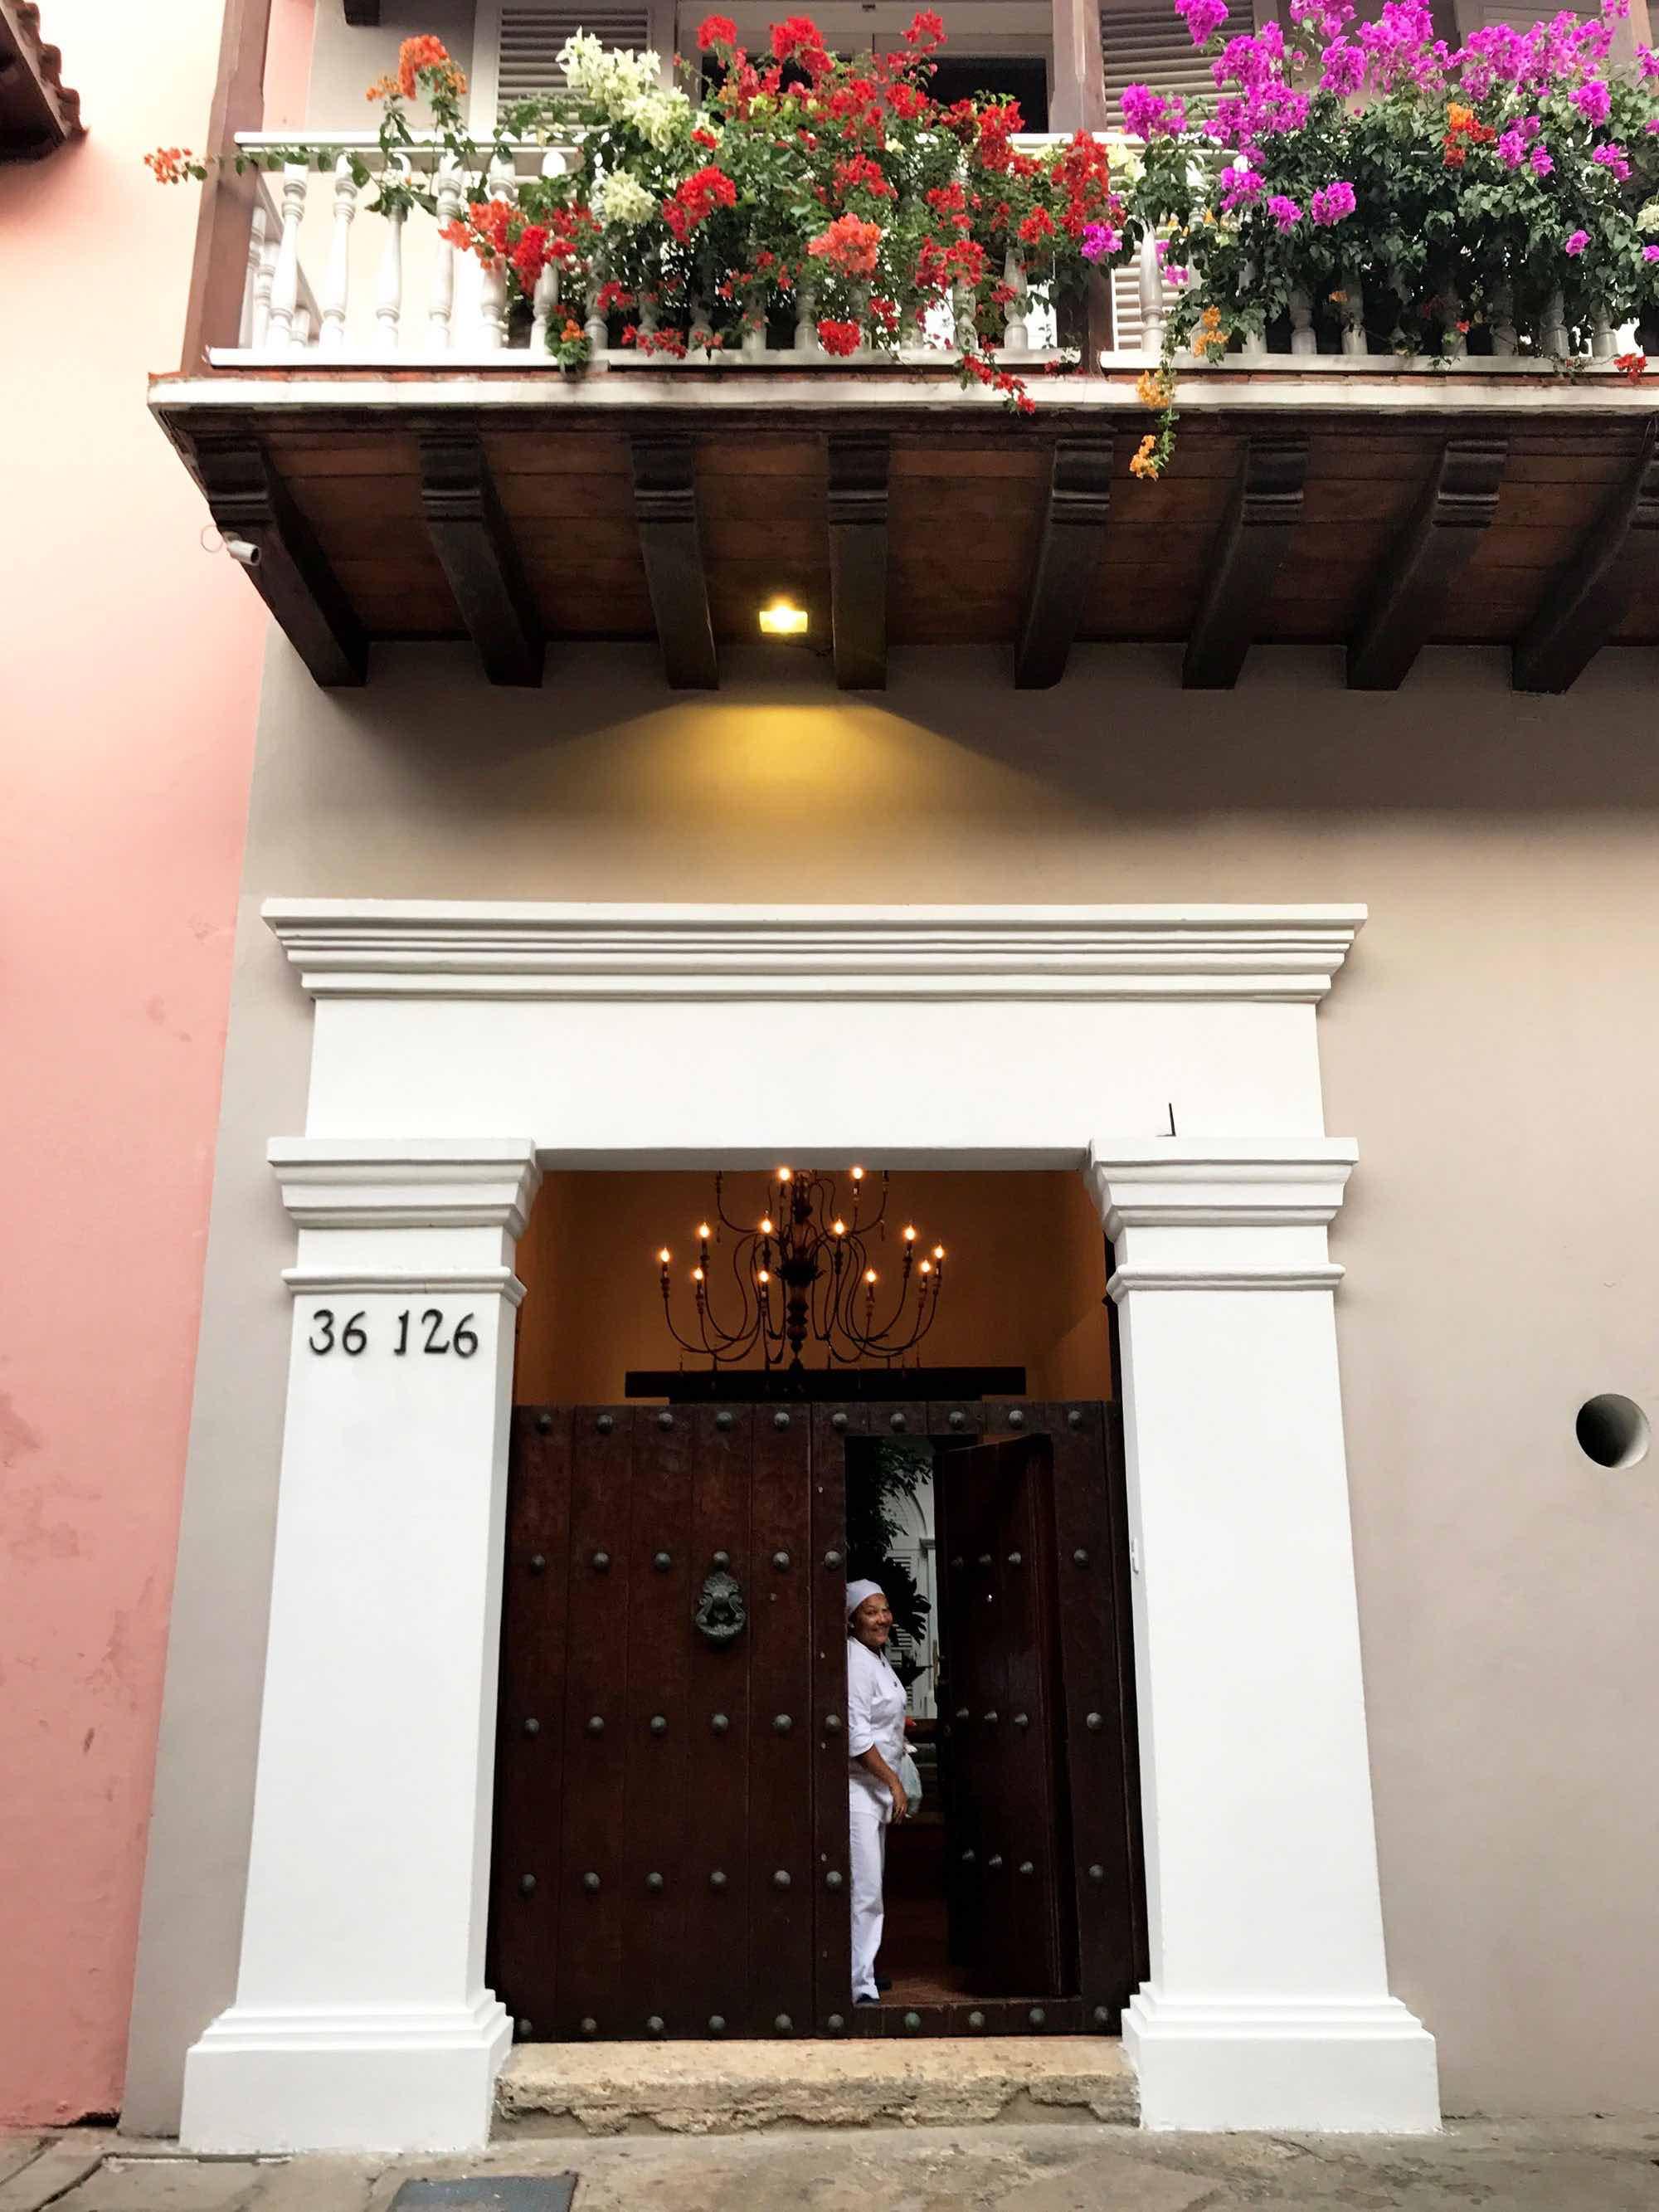 Doors and Door Knockers of Cartagena, Colombia | pictures of Cartagena, Colombia